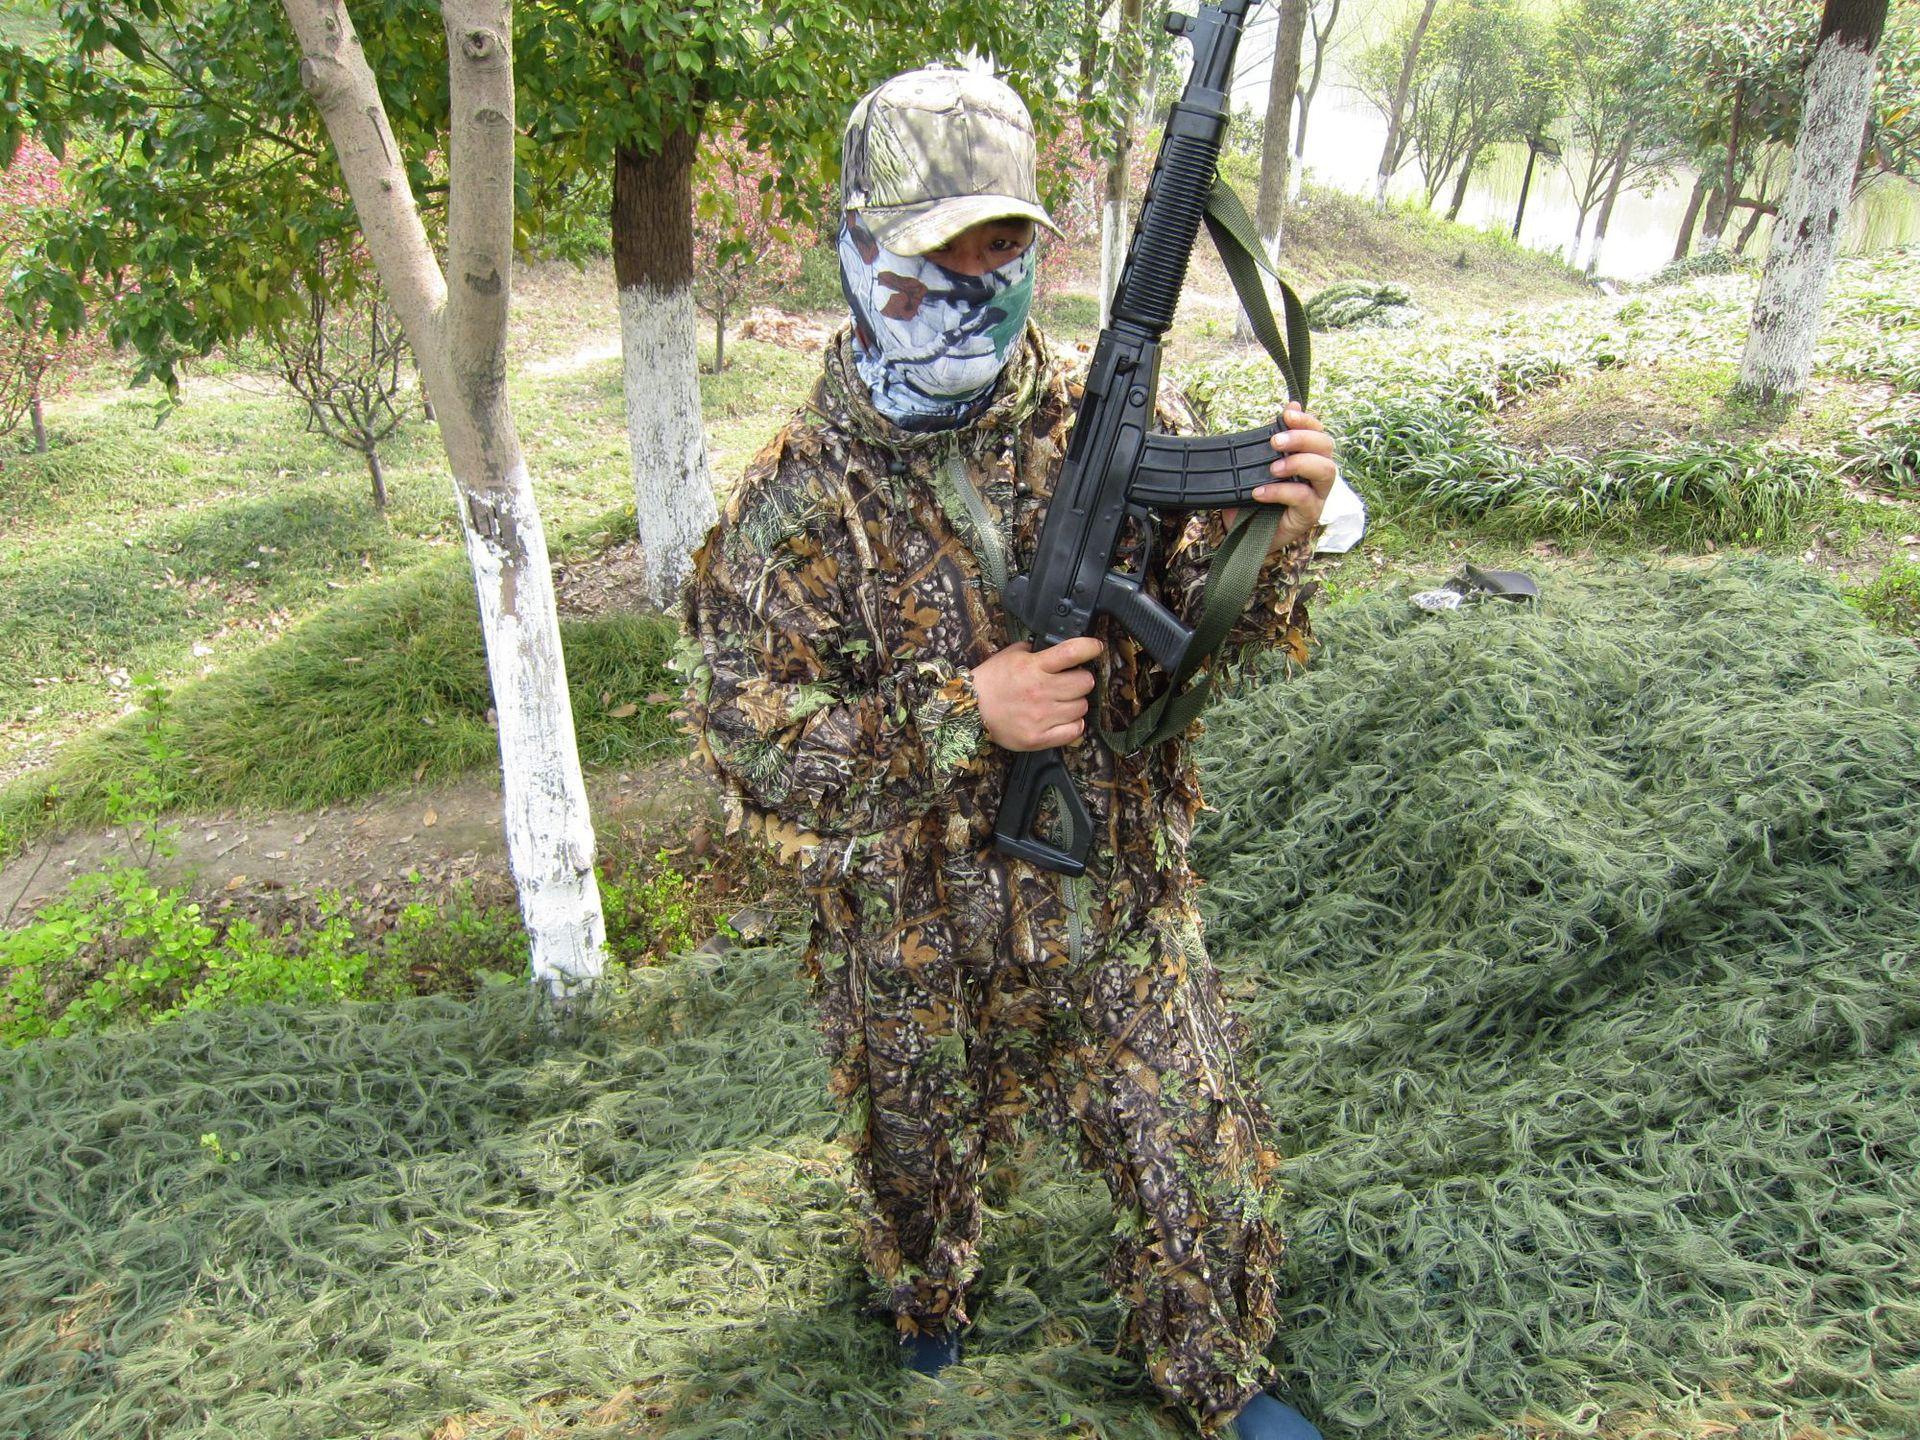 Equipement de défense LUMIèRE ANTARCTIQUE - Ombrage furtivité individuelle - Ref 3401240 Image 3